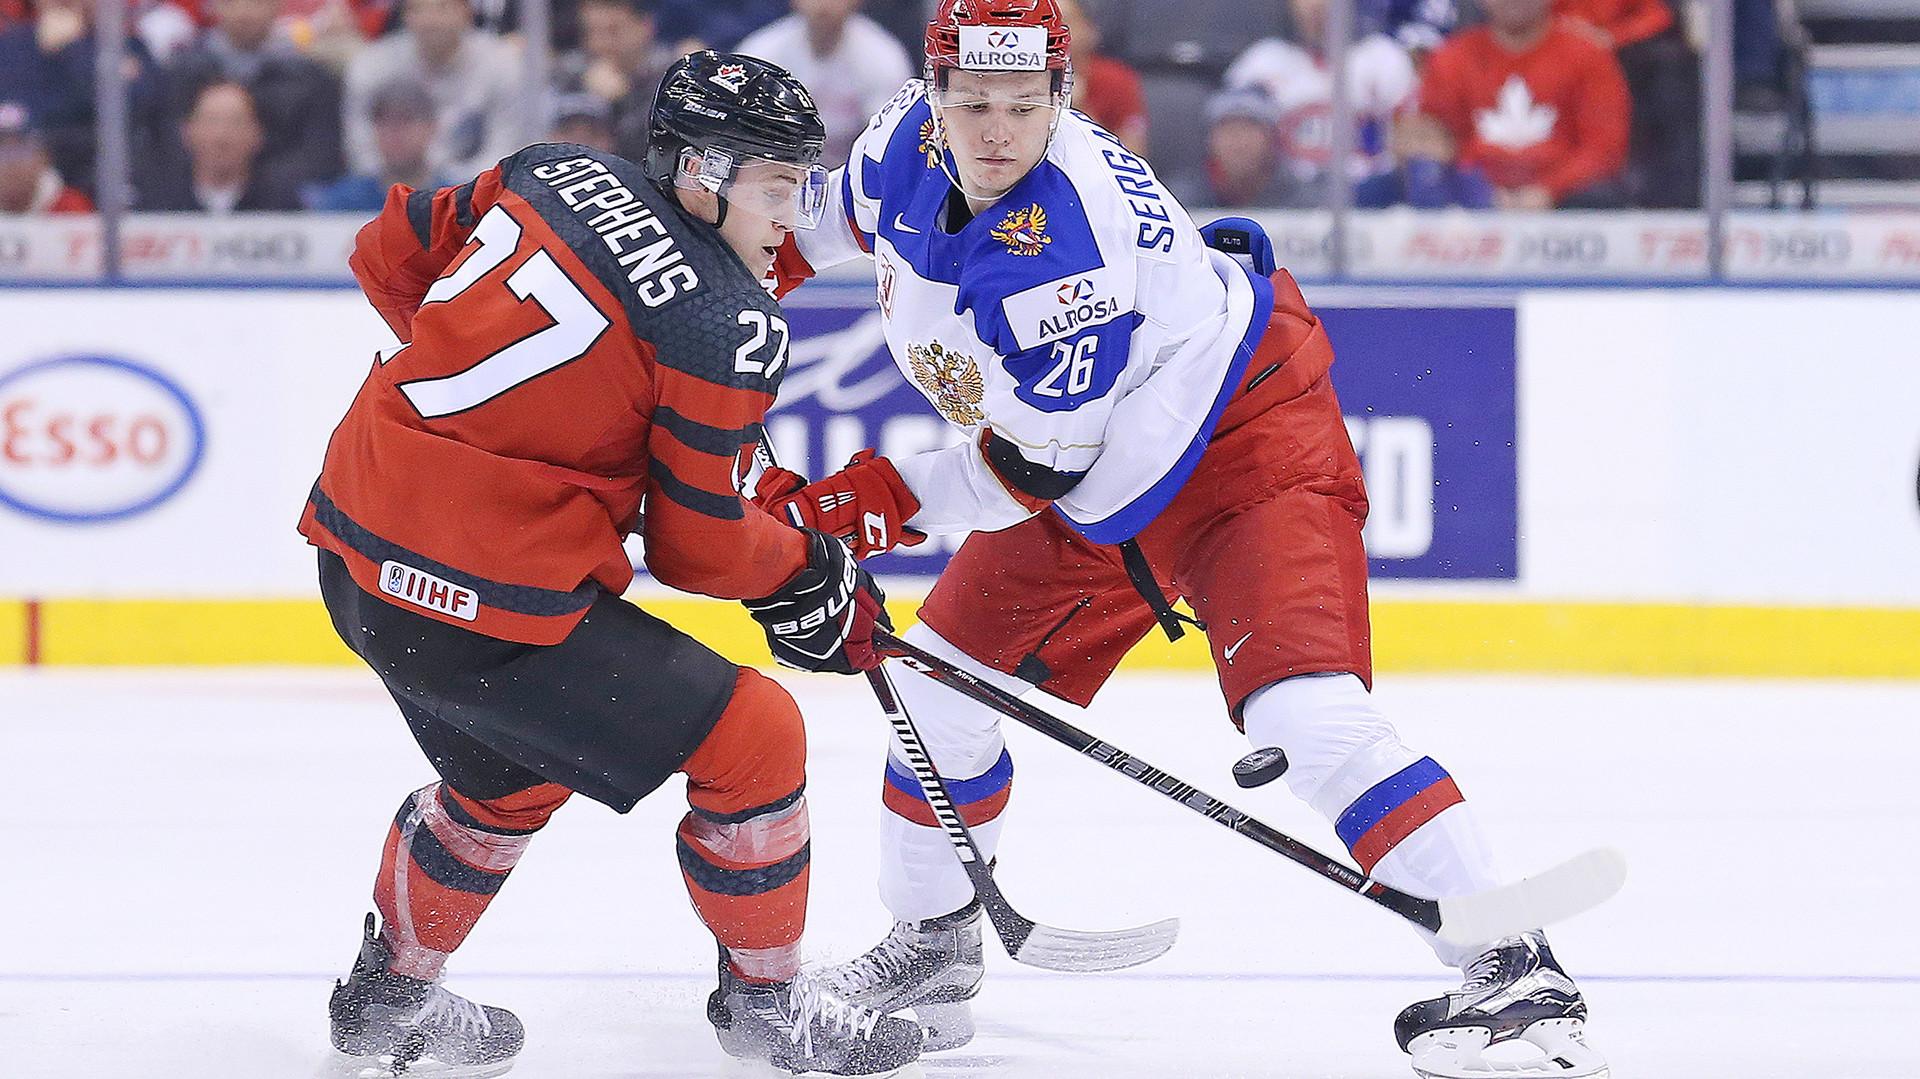 Невесёлые старты: Россия проиграла Канаде в первом матче МЧМ по хоккею